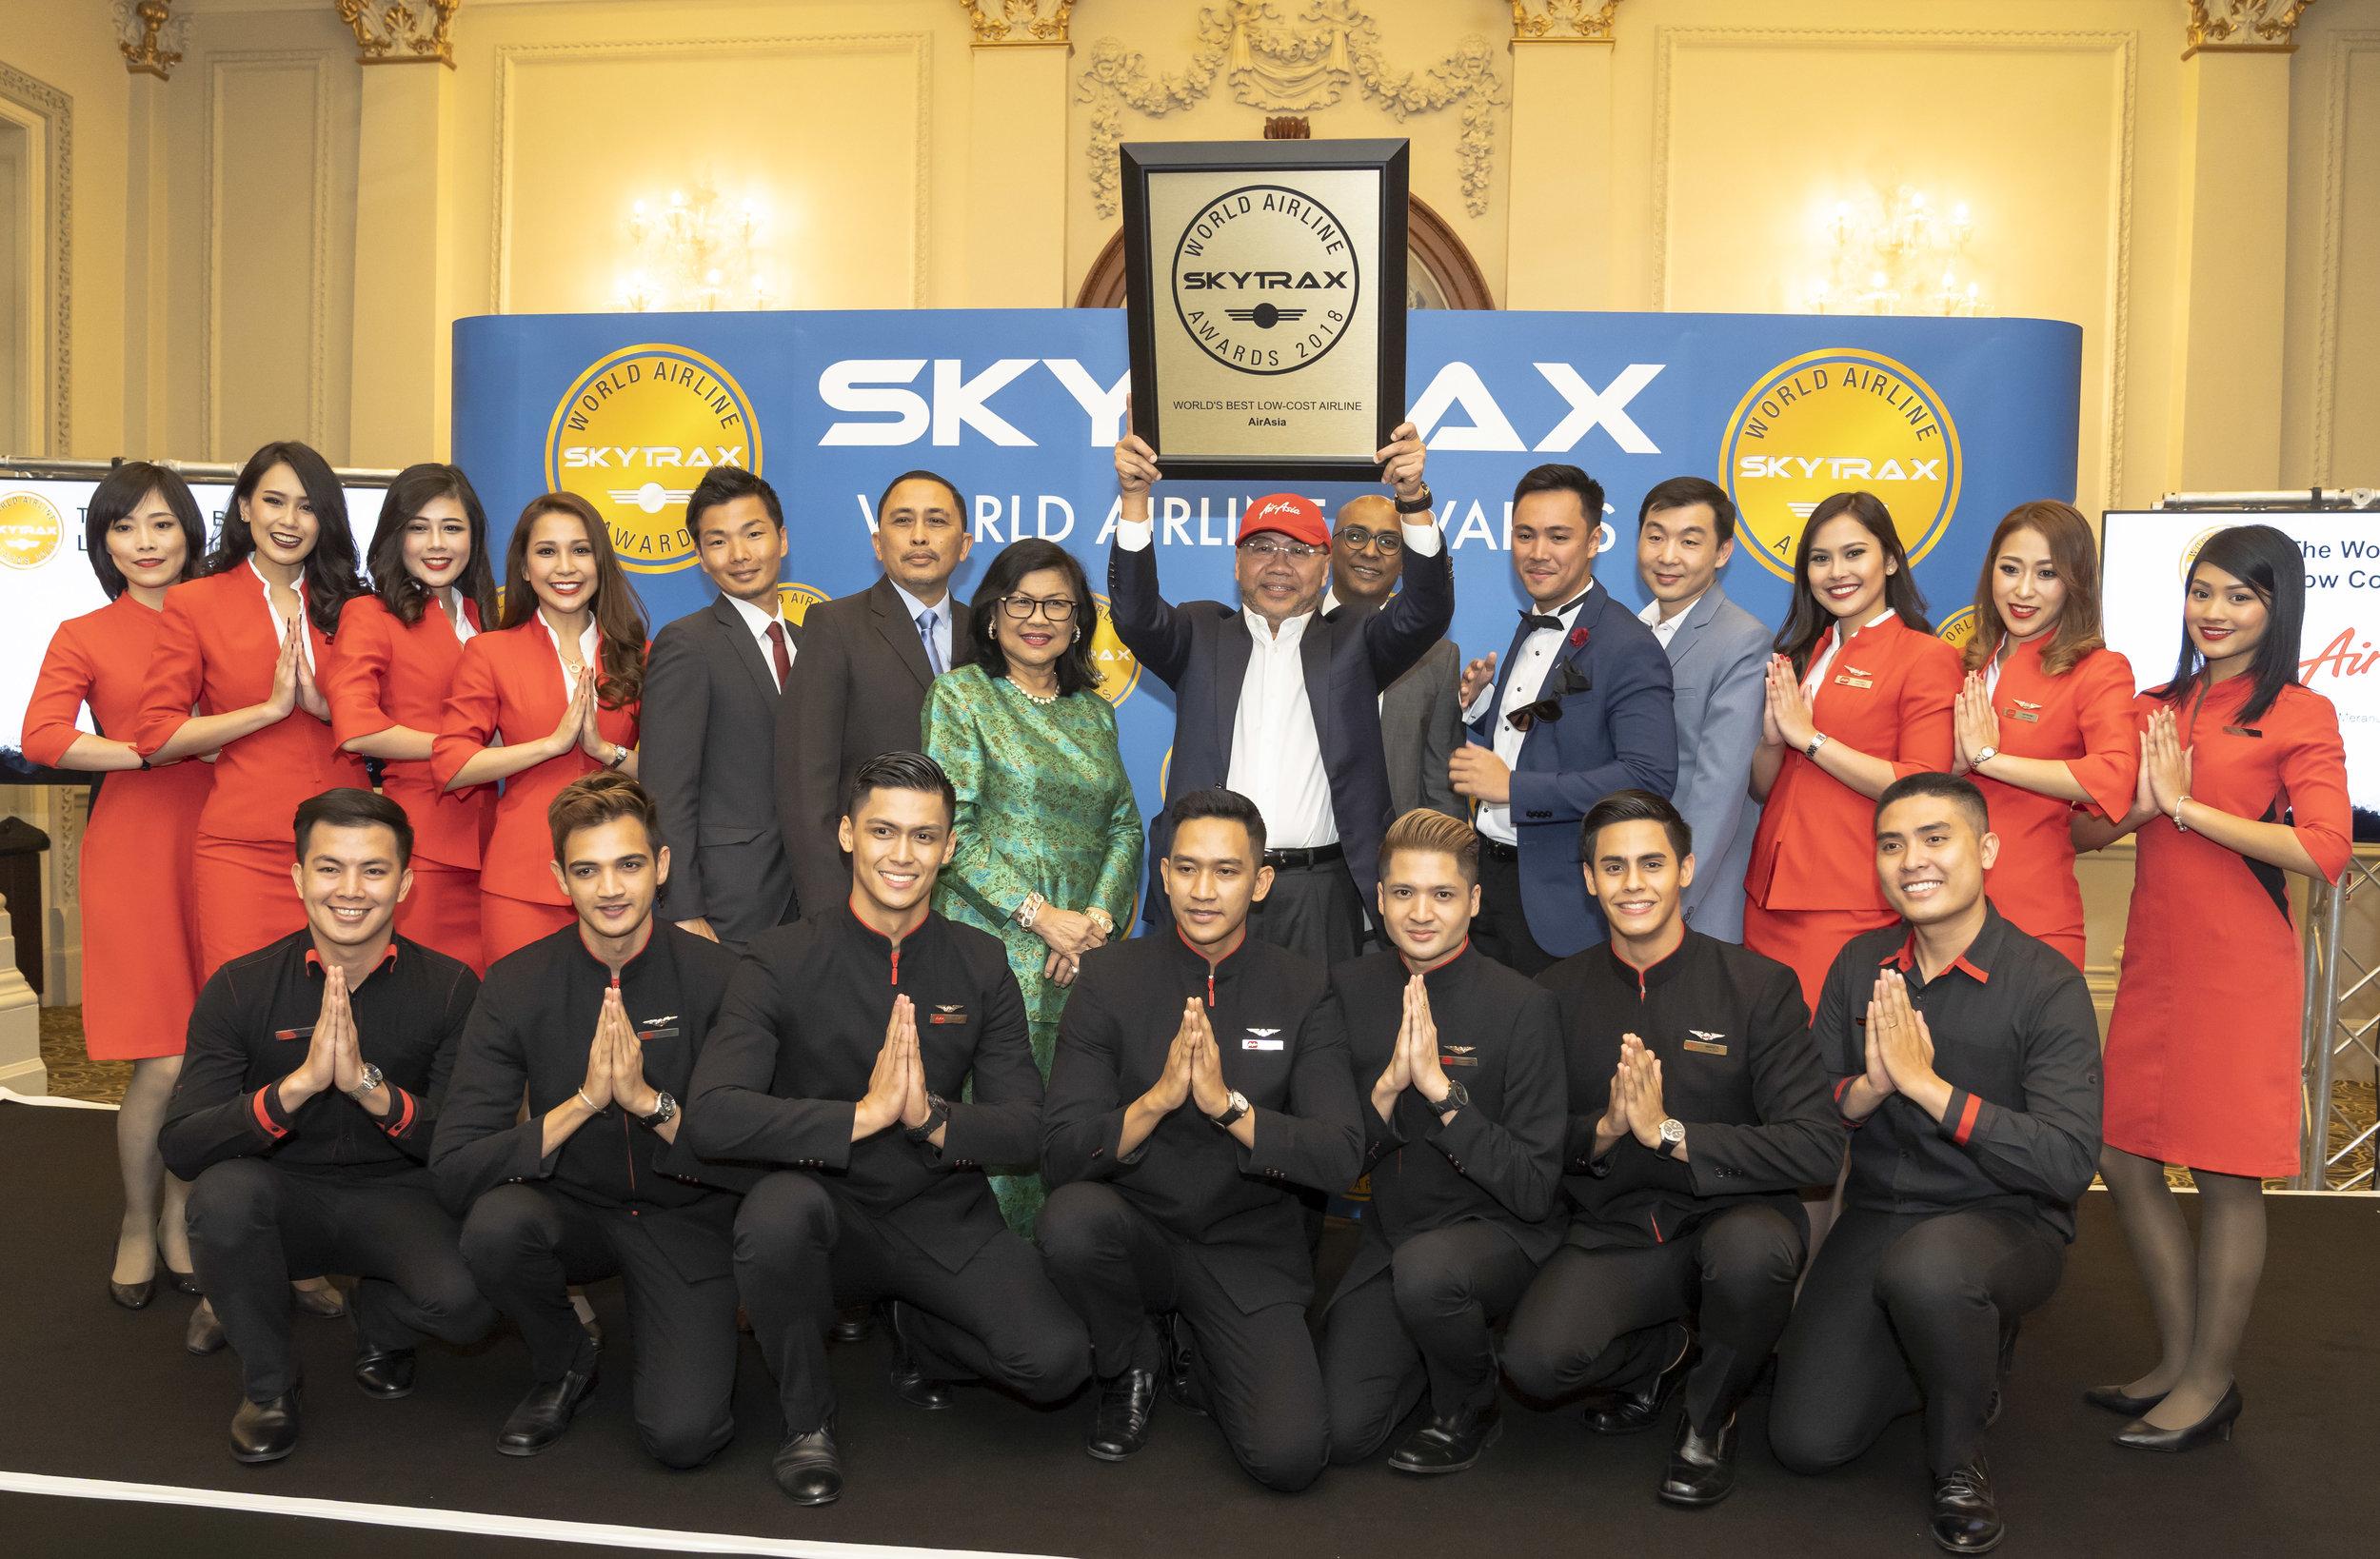 (Dari tengah ke kanan) Pengerusi AirAsia X Tan Sri Rafidah Aziz, Pengerusi Eksekutif Kumpulan AirAsia Berhad dan Ketua Pegawai Eksekutif Kumpulan AirAsia X Datuk Kamarudin Meranun, dan Timbalan Ketua Pegawai Eksekutif Kumpulan (Perniagaan Penerbangan) Bo Lingam bersama-sama Allstars (kakitangan AirAsia)di majlis Anugerah Penerbangan Dunia Skytrax 2018.